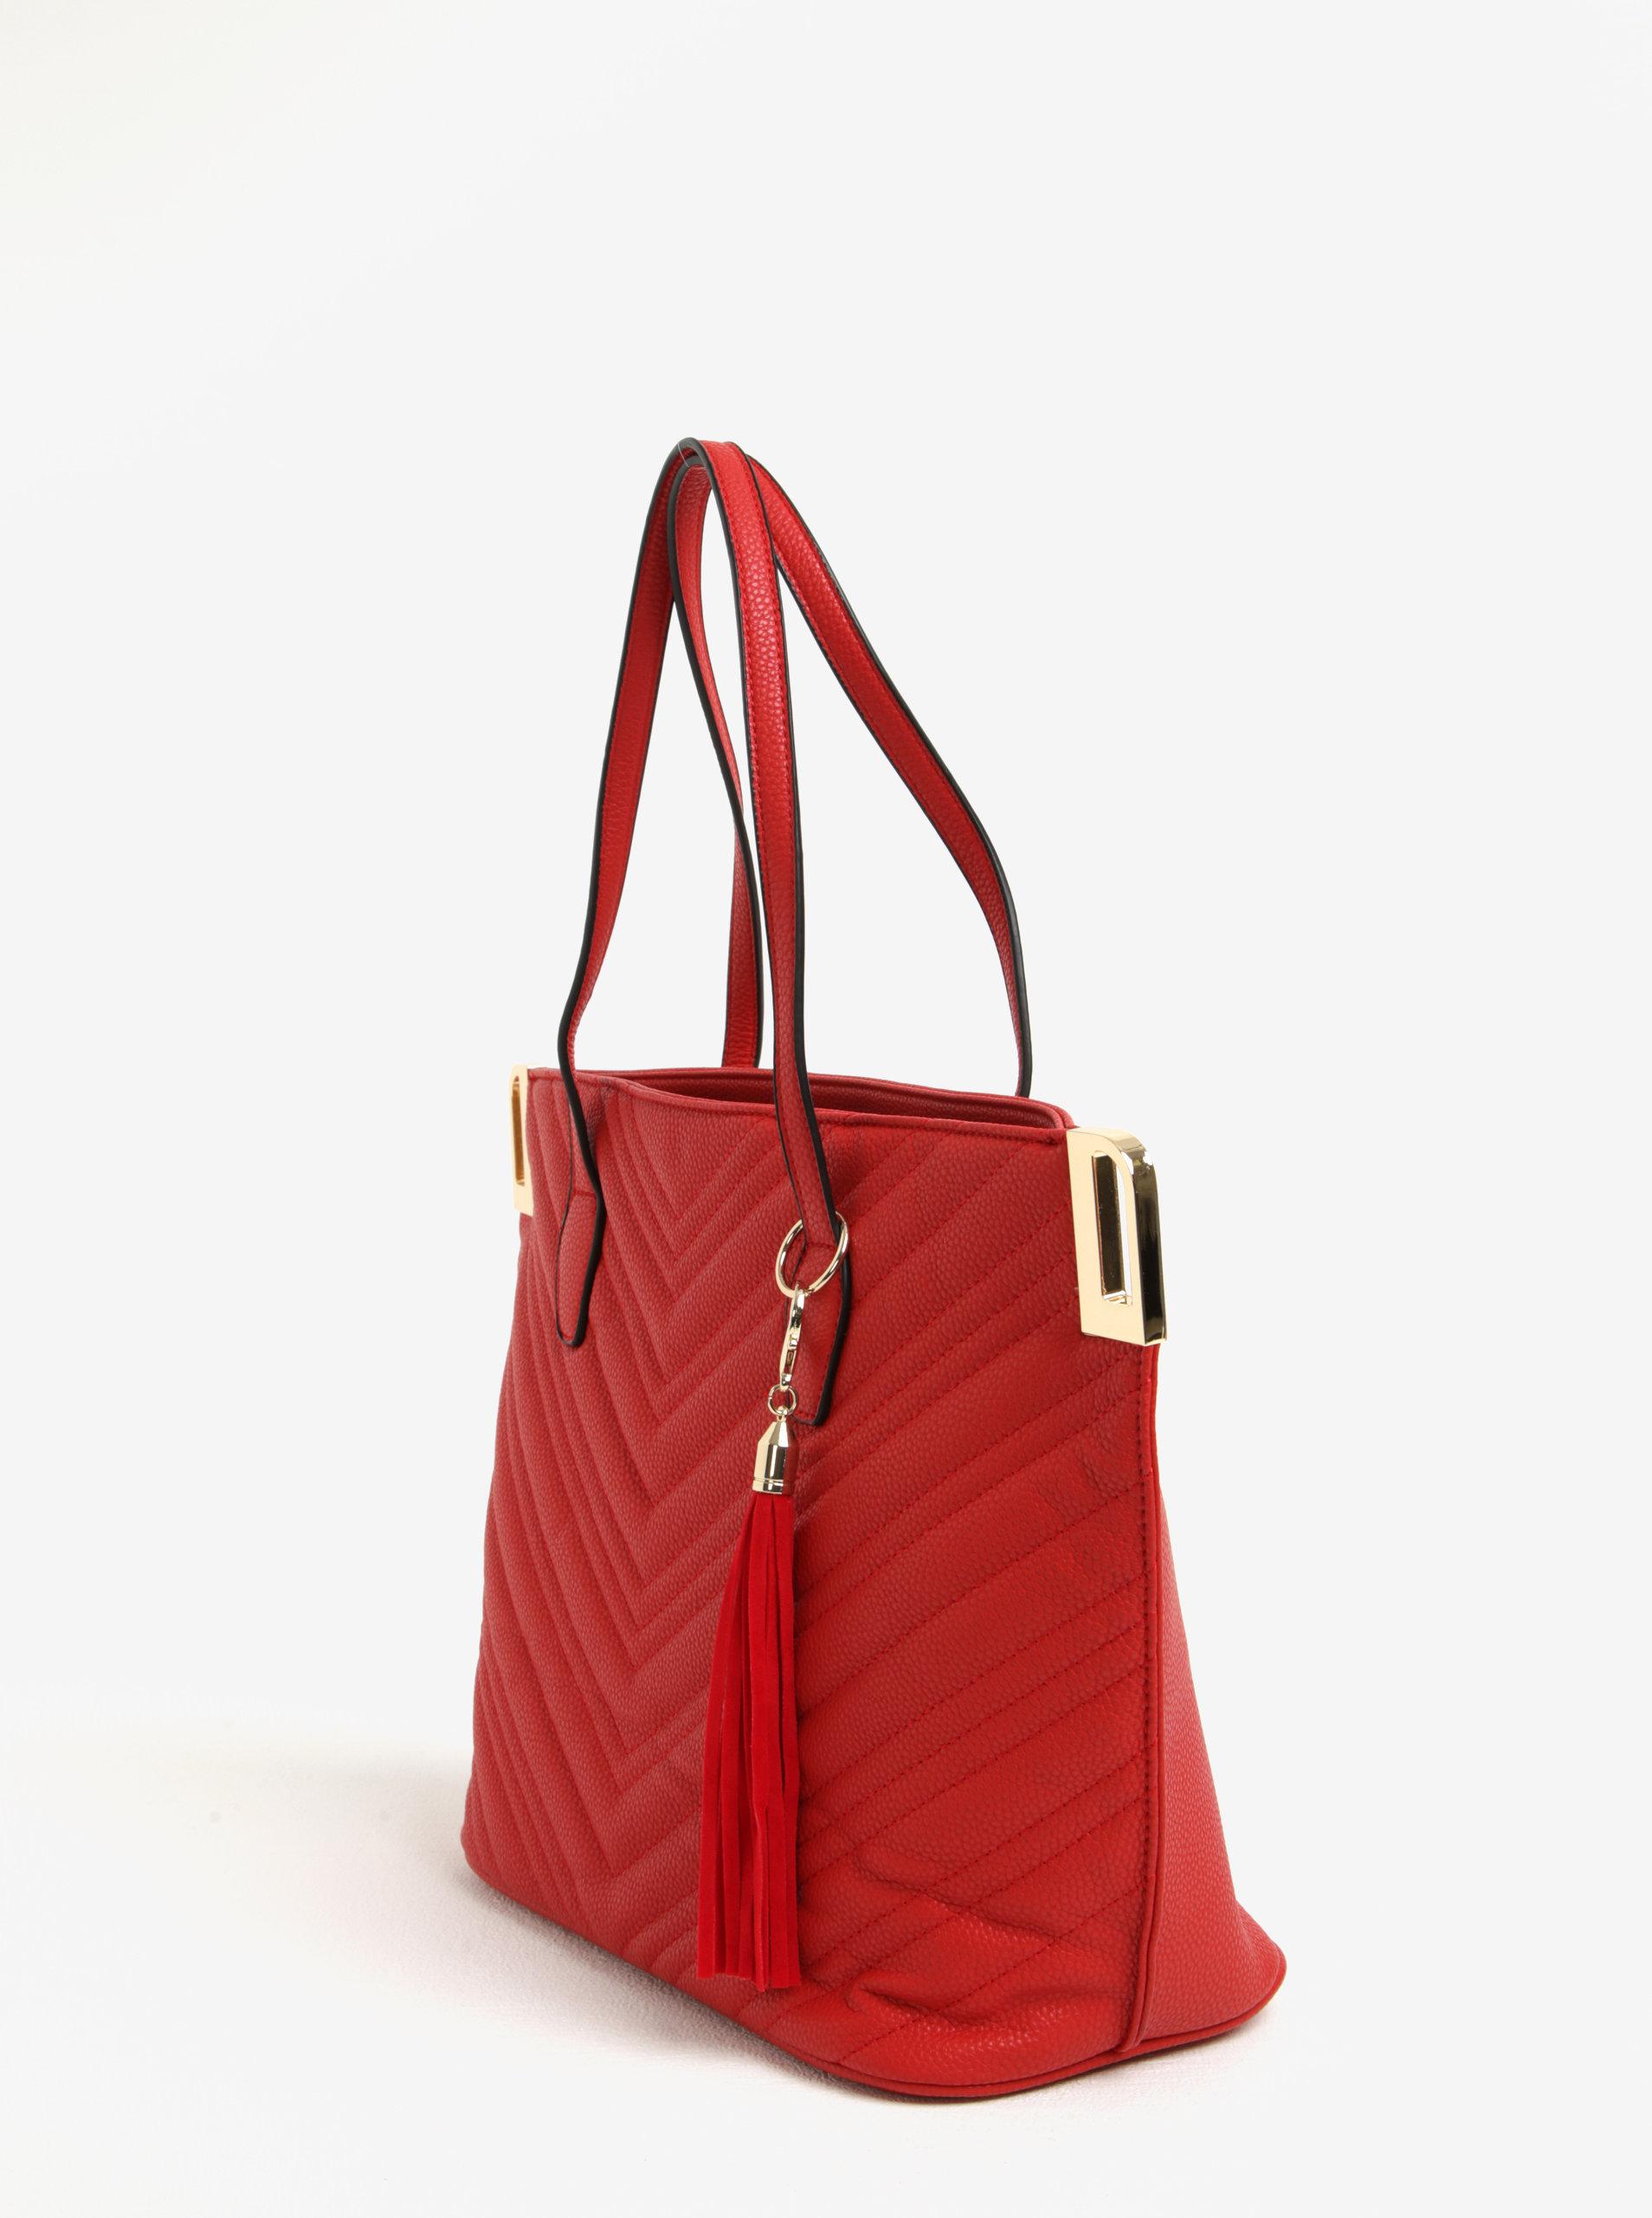 Červená prošívaná kabelka s detaily ve zlaté barvě Miss Selfridge ... 0b4c849369